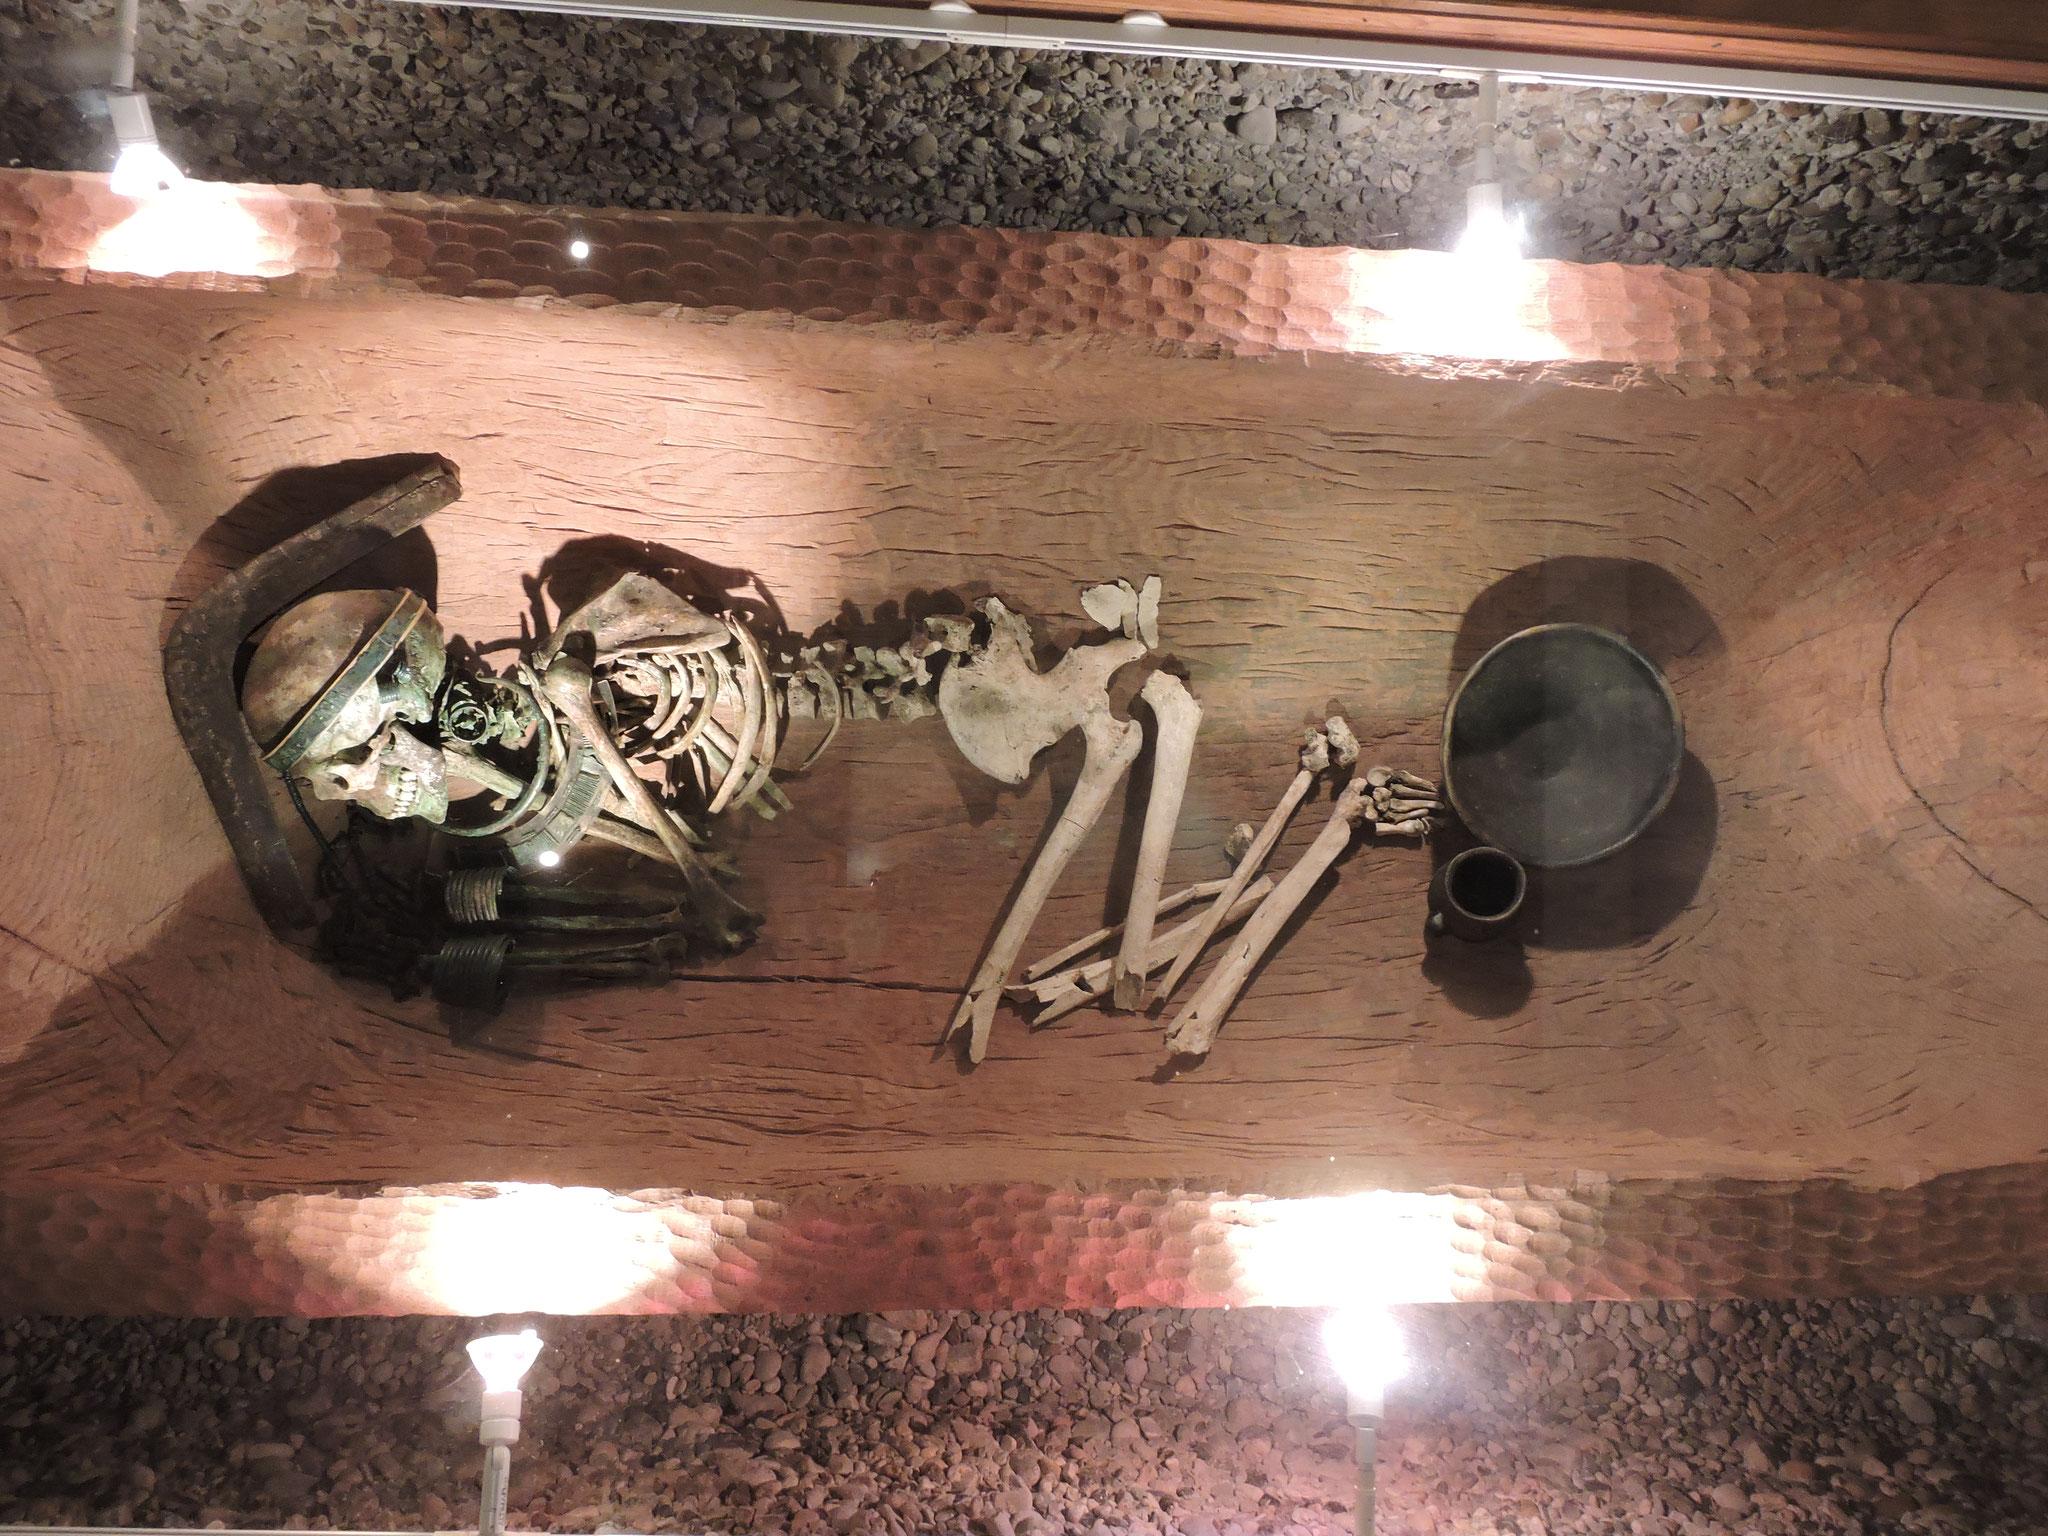 Reich ausgestattetes Frauengrab mit originellem Kopfschmuck ©B. Bichler